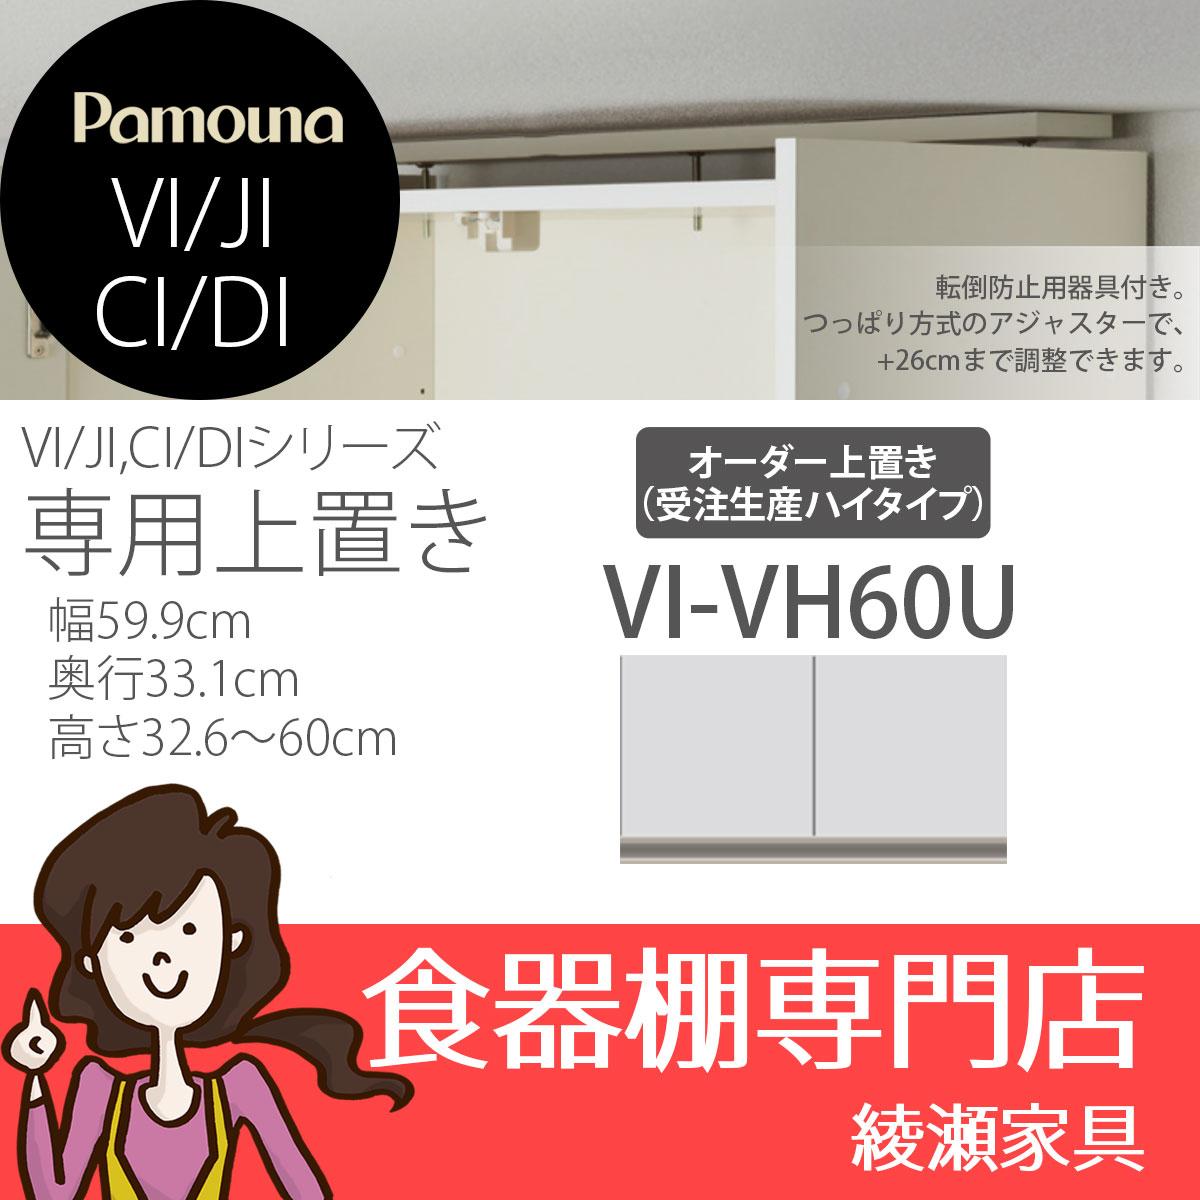 パモウナ 高さ オーダー上置 (食器棚VI/JI CI/DI用) 【幅59.8×高さ32.6-60cm】 パールホワイト VI-VH60U